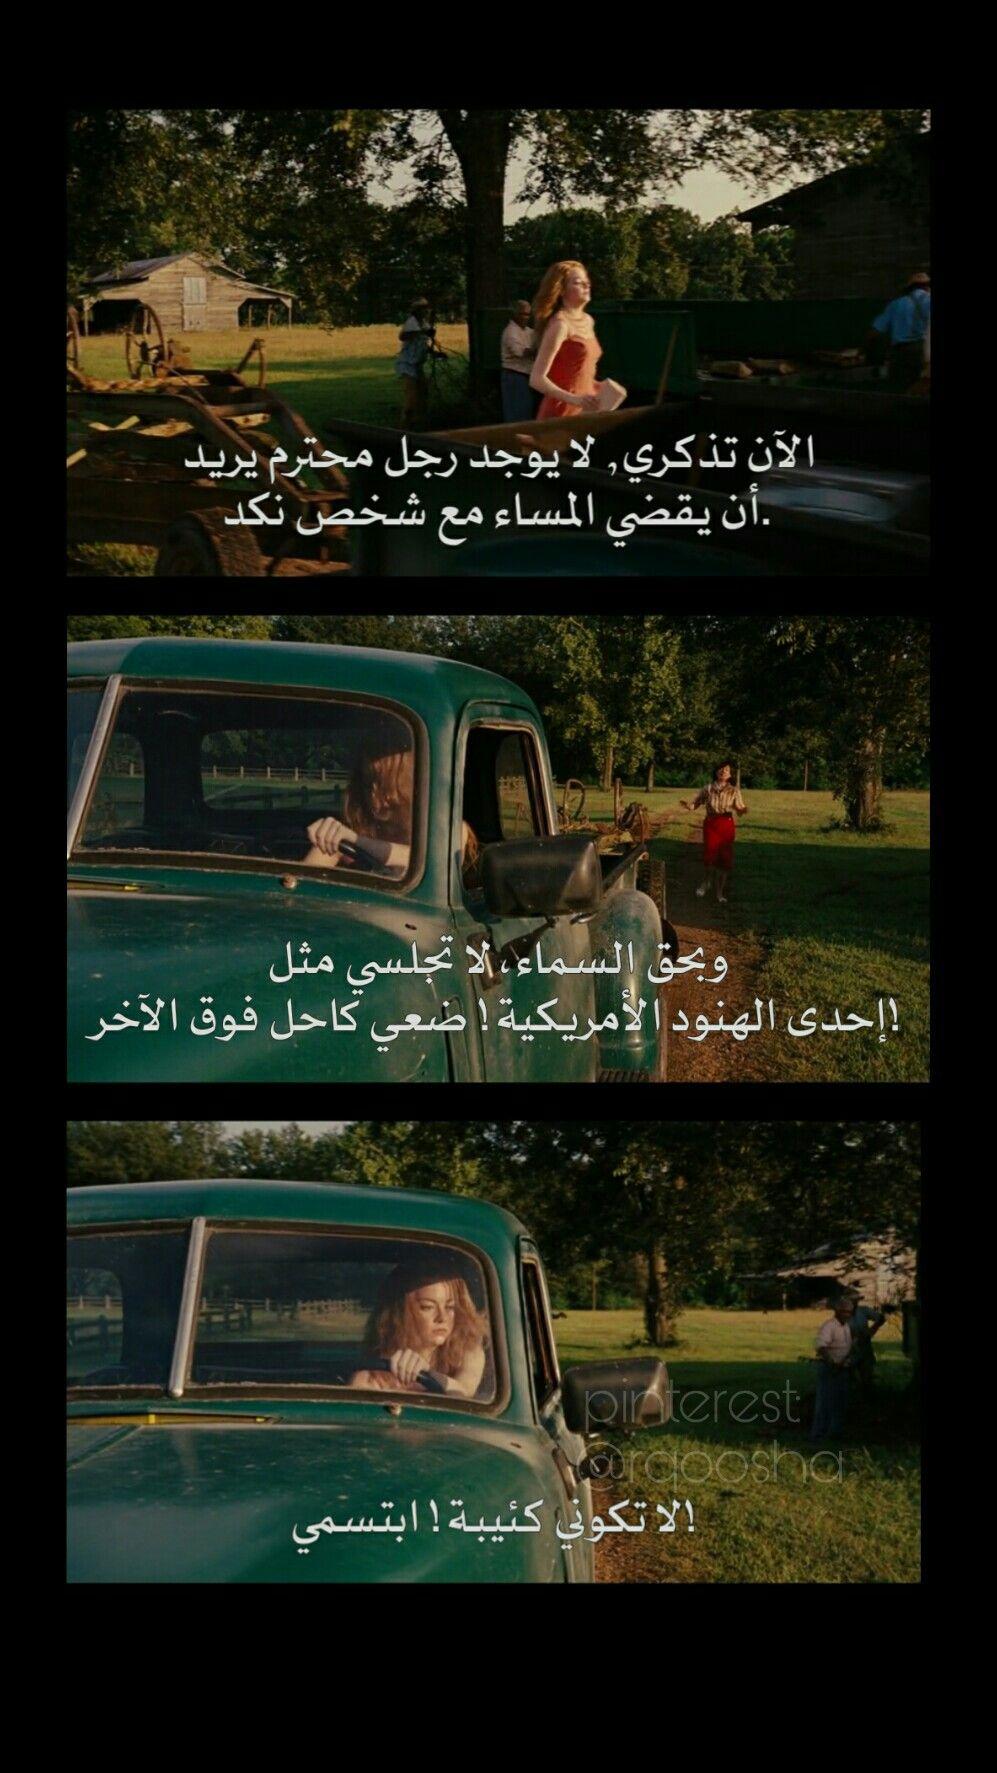 ستوريات ستوري افلام اكسبلور العراق صور عبارات اقتباسات Explore Poster Movies Movie Posters